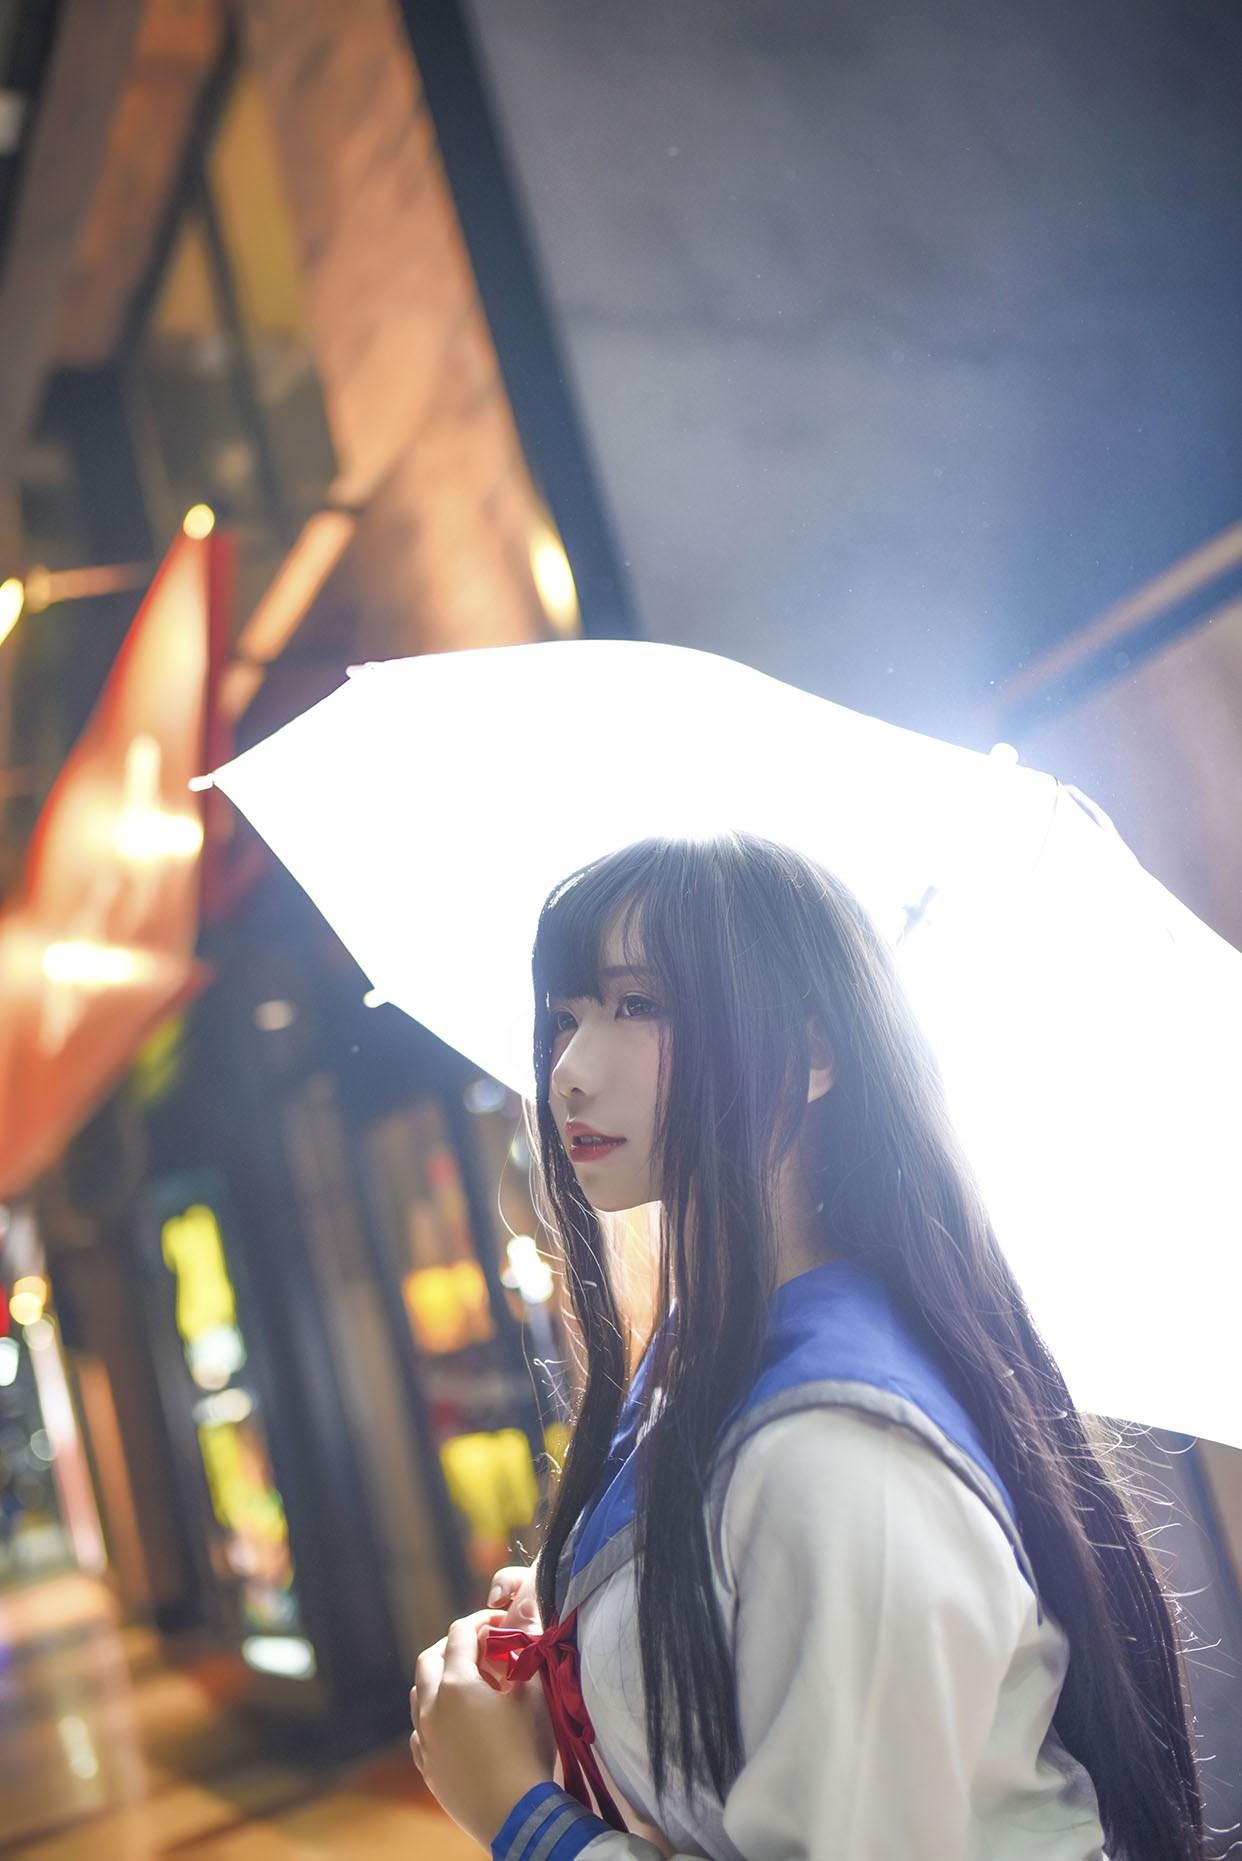 【兔玩映画】伞中少女 兔玩映画 第6张